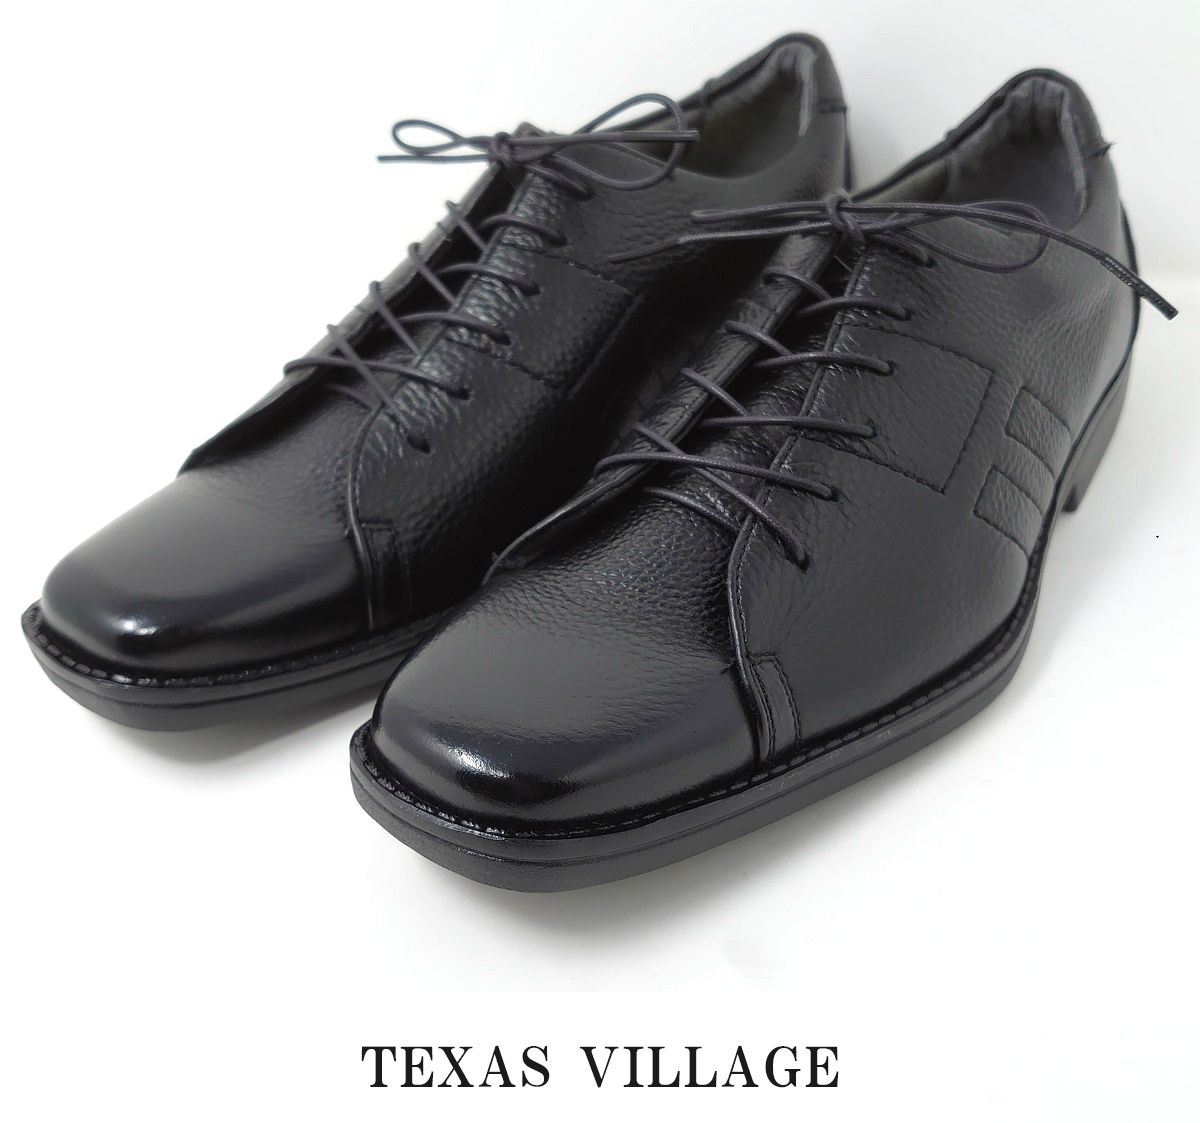 日本製 牛シボ革 メンズスニーカー コンフォートシューズ 外羽根 3E 撥水 Texas Village テキサスヴィレッジ TK-921 ブラック ホワイト カジュアル靴 スクエアトゥ